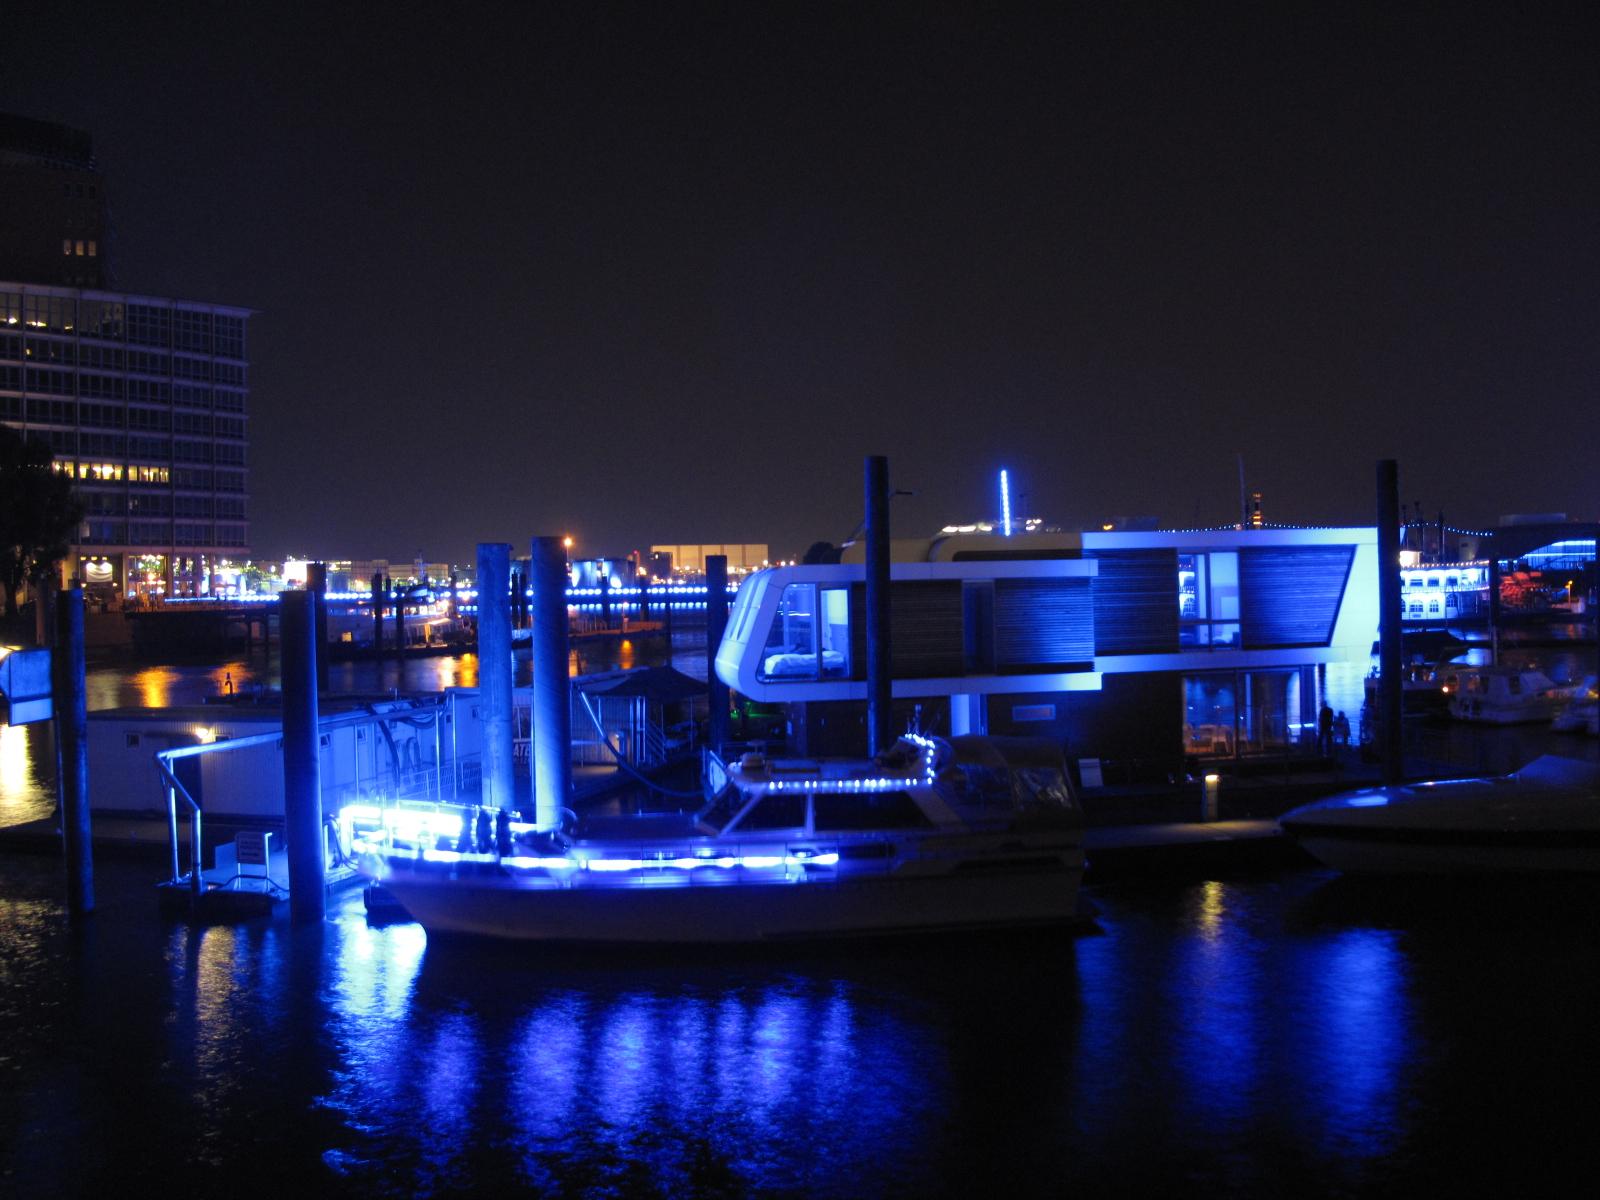 Blue Port Floating Home